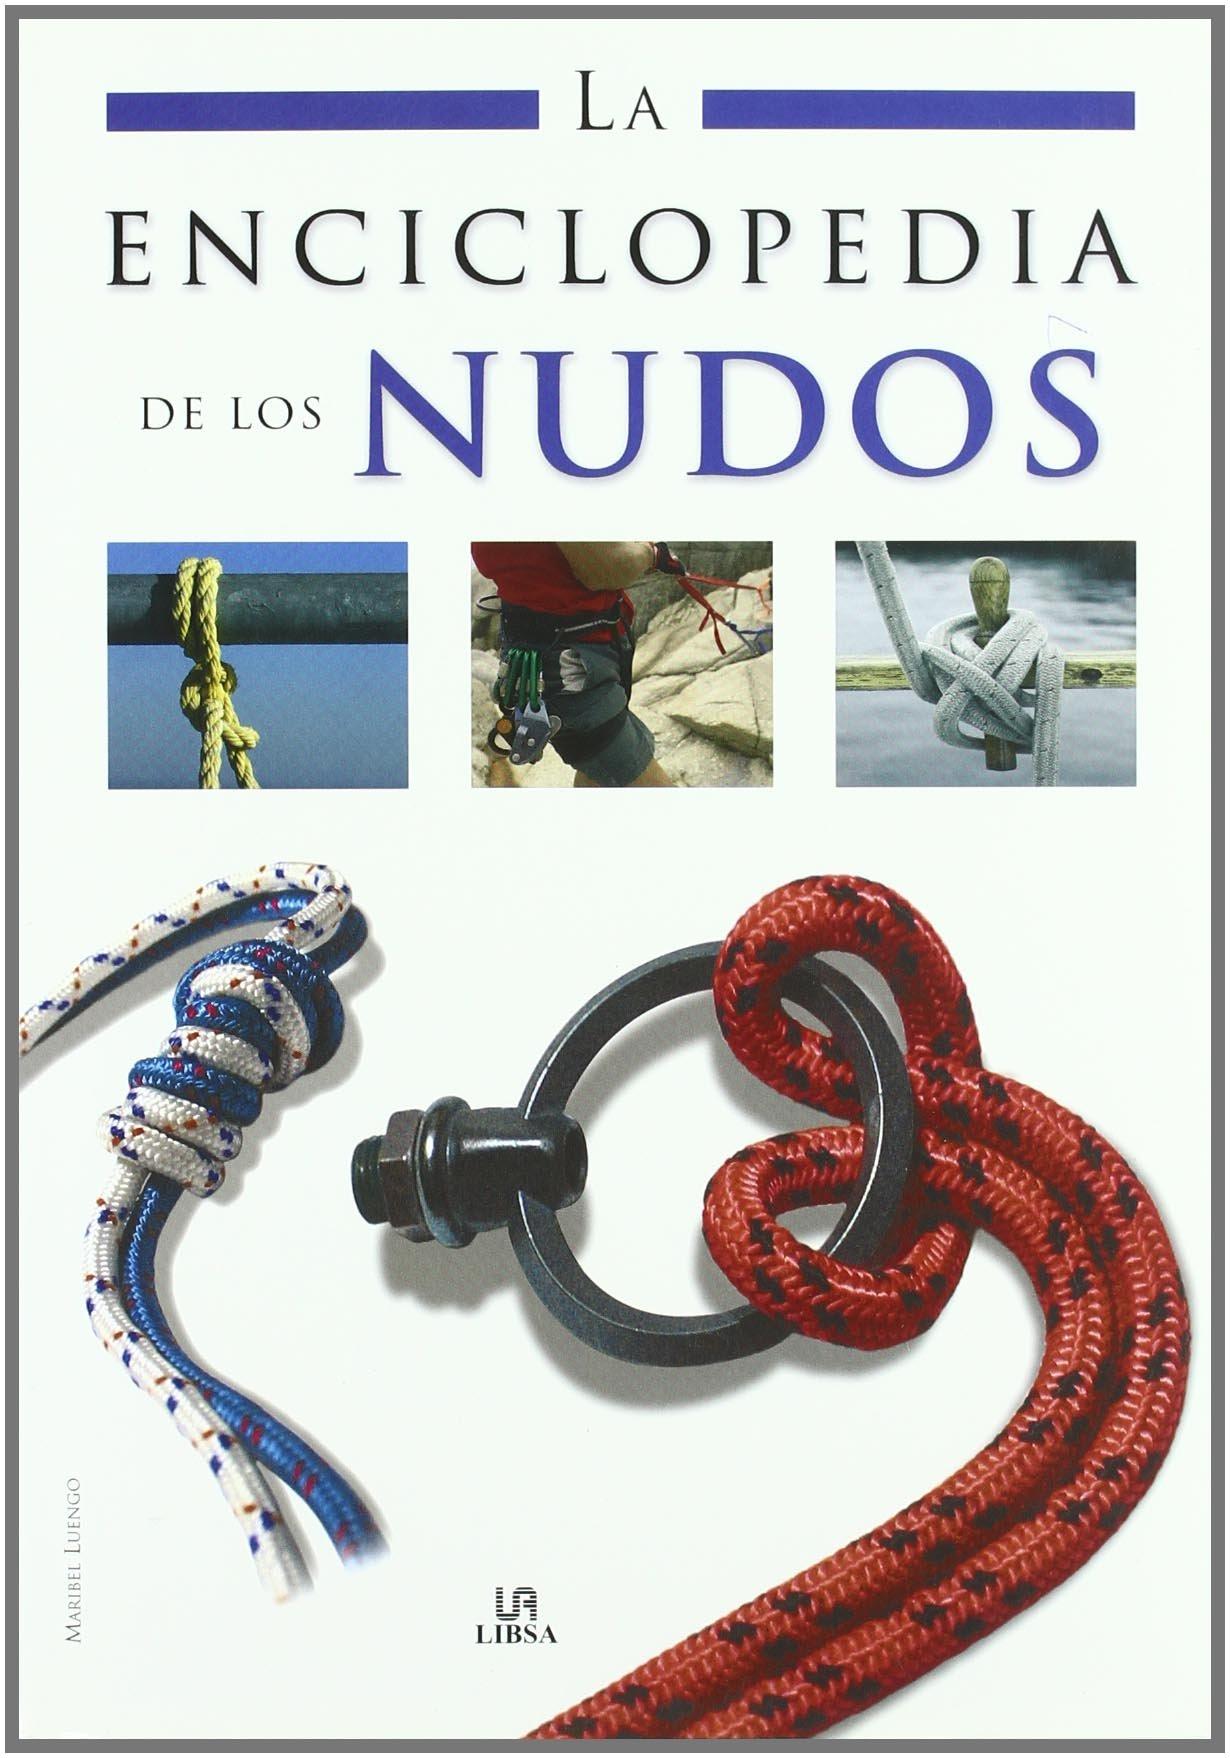 La Enciclopedia de los Nudos (Enciclopedias Libsa): Amazon.es: Luengo, Maribel: Libros